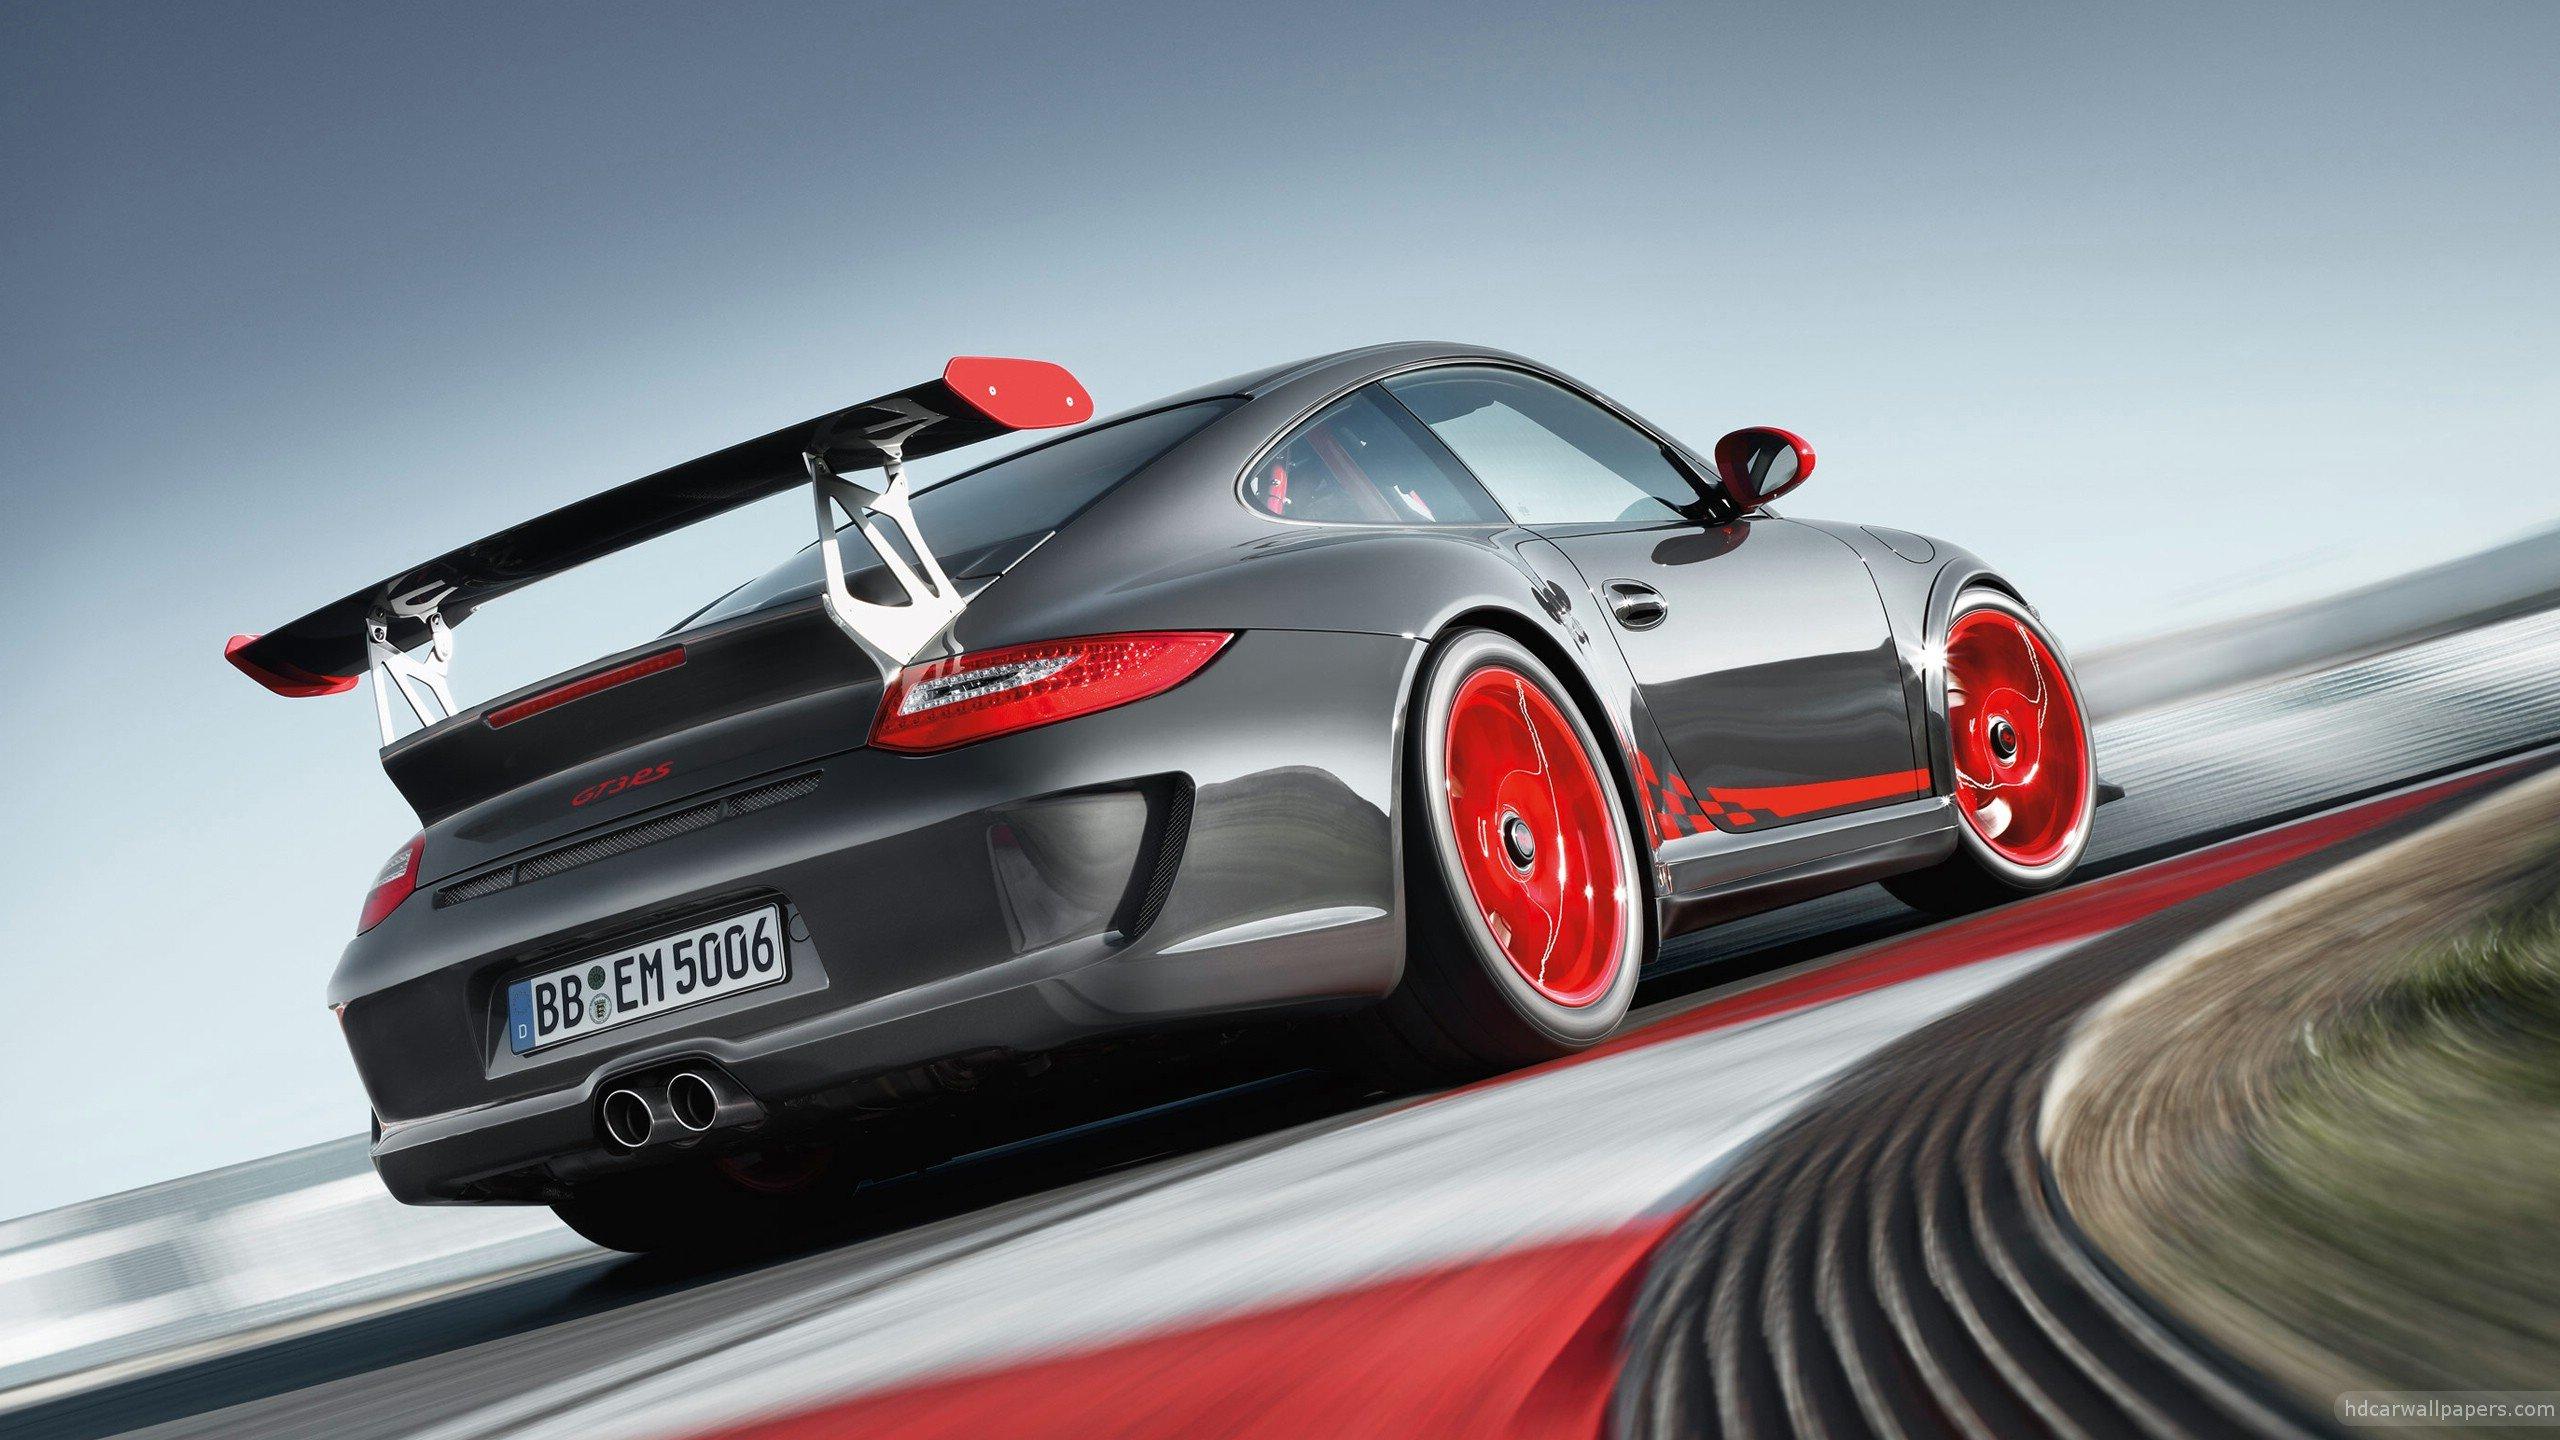 Porsche 911 GT3 RS 3 Wallpaper HD Car Wallpapers 2560x1440